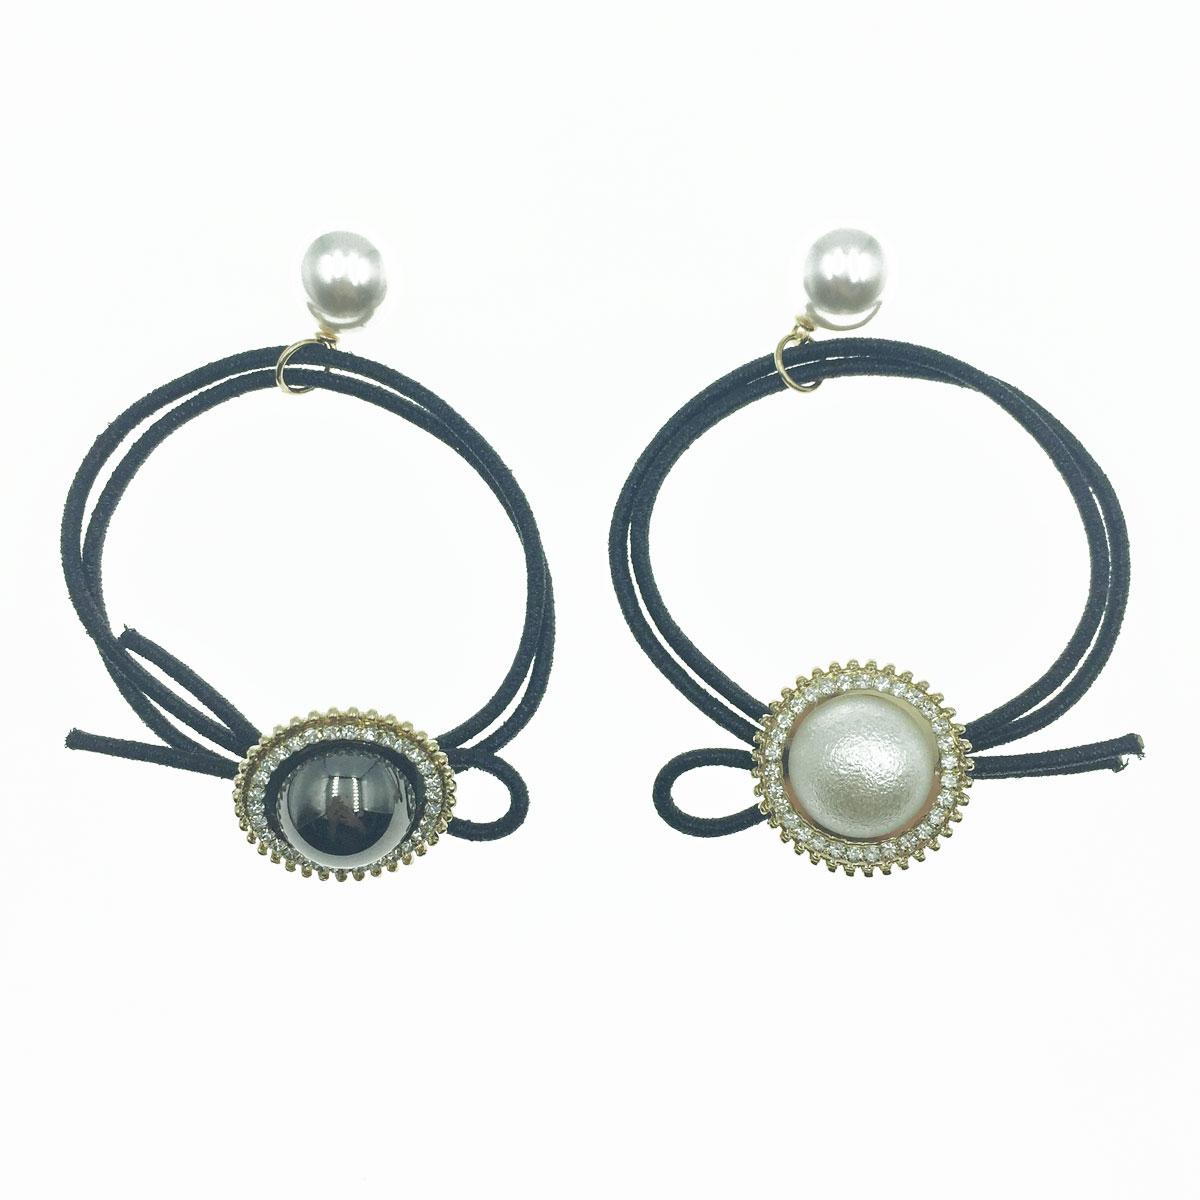 韓國 半圓形 水鑽金花邊 珍珠 華麗風 髮飾 髮圈 髮束